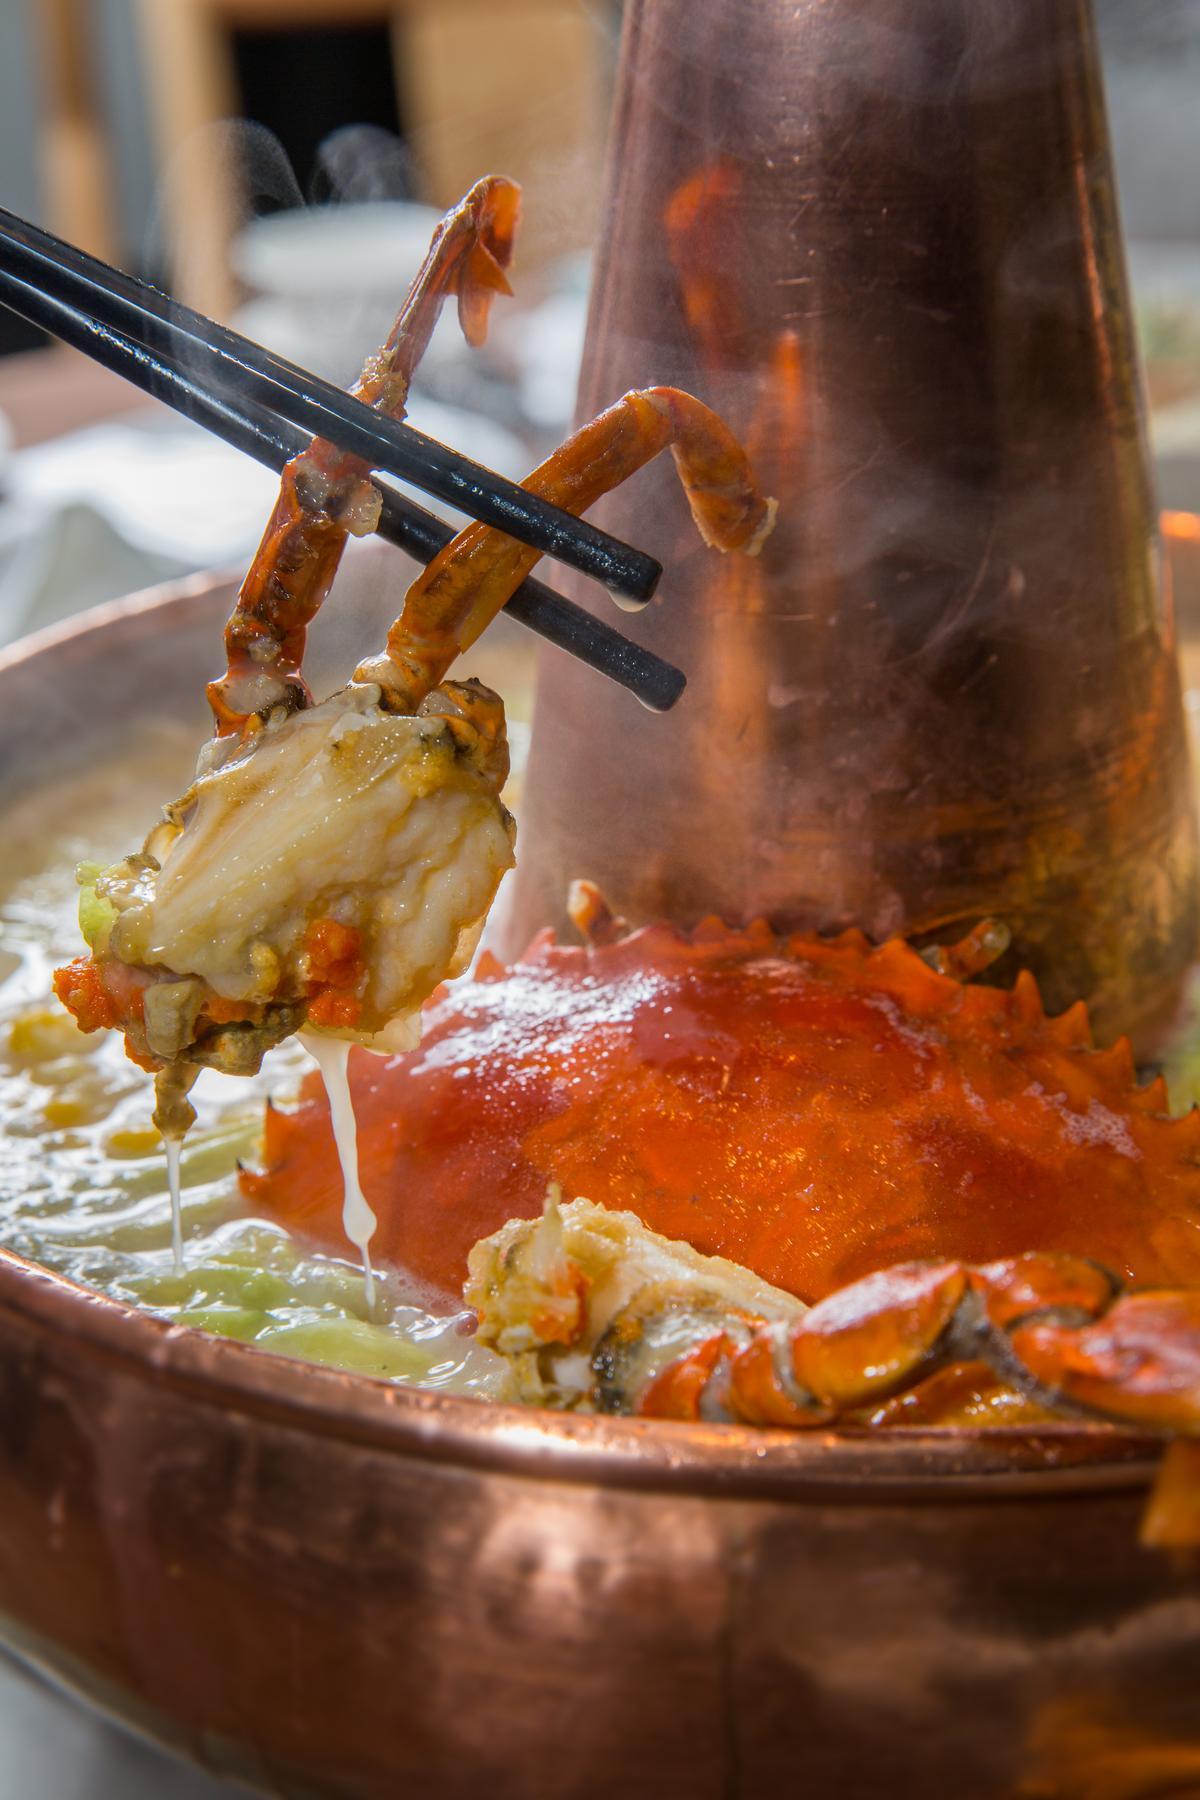 點火後留於鍋底的薩索雞油,會和紅蟳、老母雞高湯、豆漿、鮮蔬熬煮成「鮮菌玉米蔬菜雞湯」,湯濃甘美,濃縮了海陸精華。